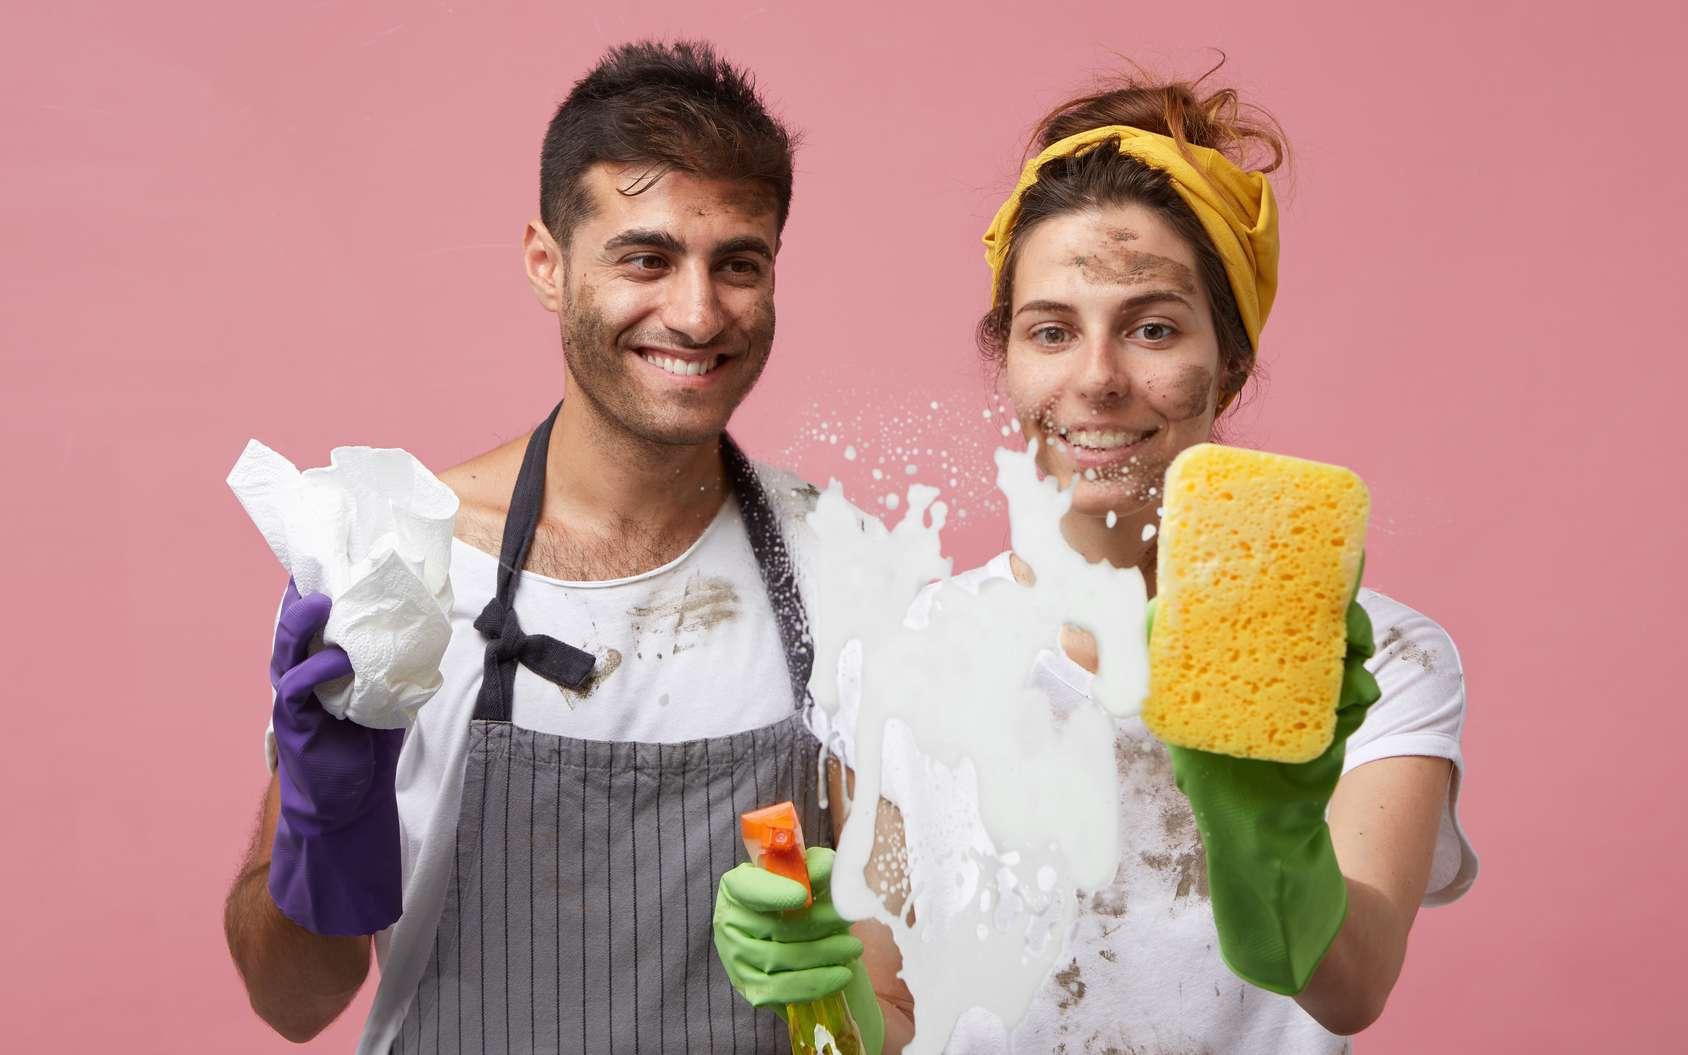 Le ménage est vraiment un sport, enfin si on y met du sien ! © Wayhome Studio, fotolia